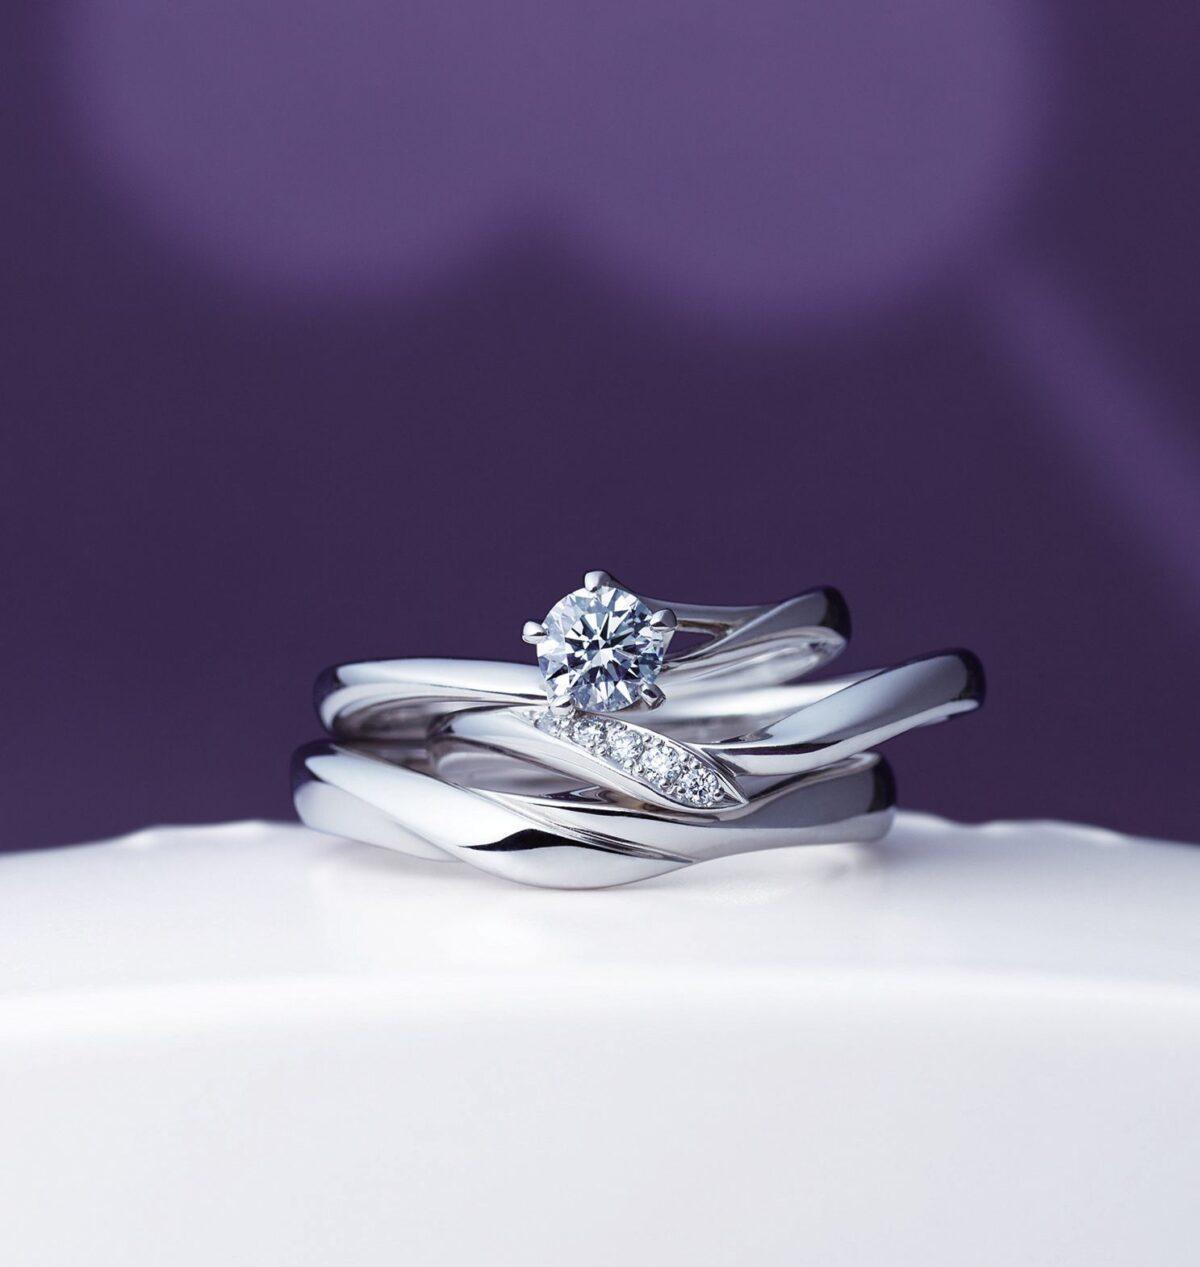 にわかの結婚指輪初桜(ういざくら)の画像